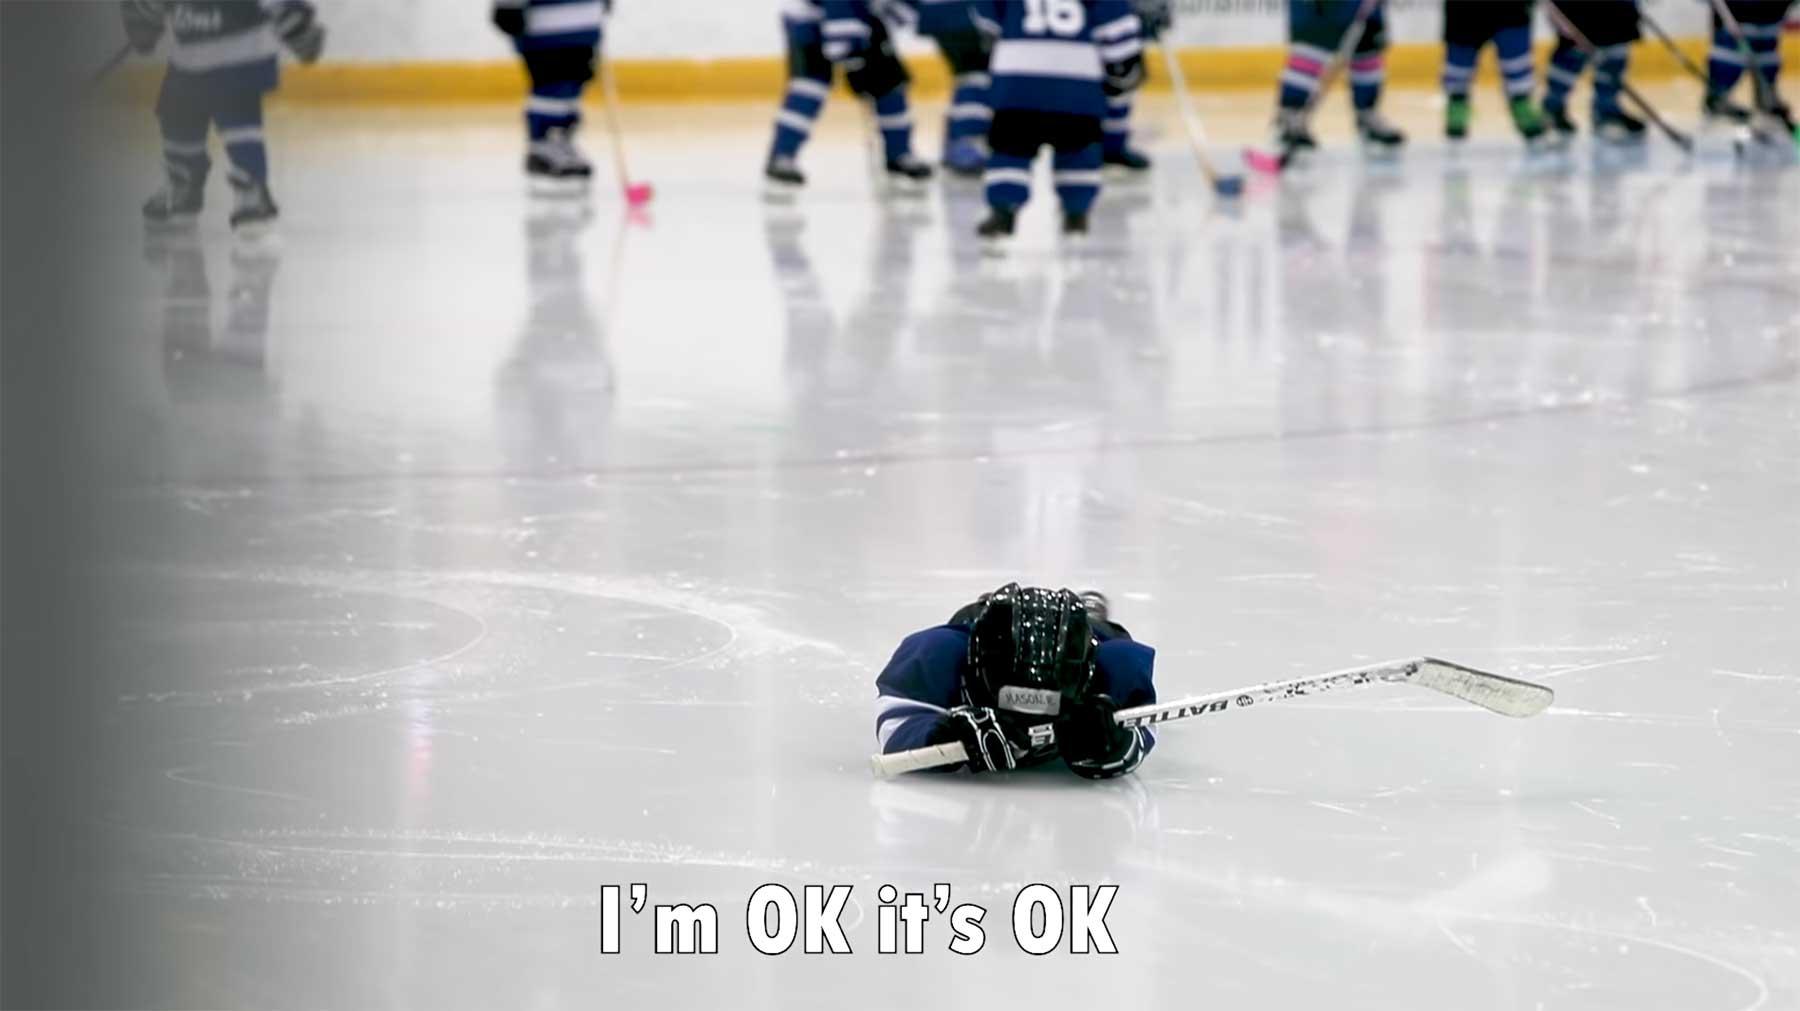 Das sagt ein 4-Jähriger beim Eishockey-Training